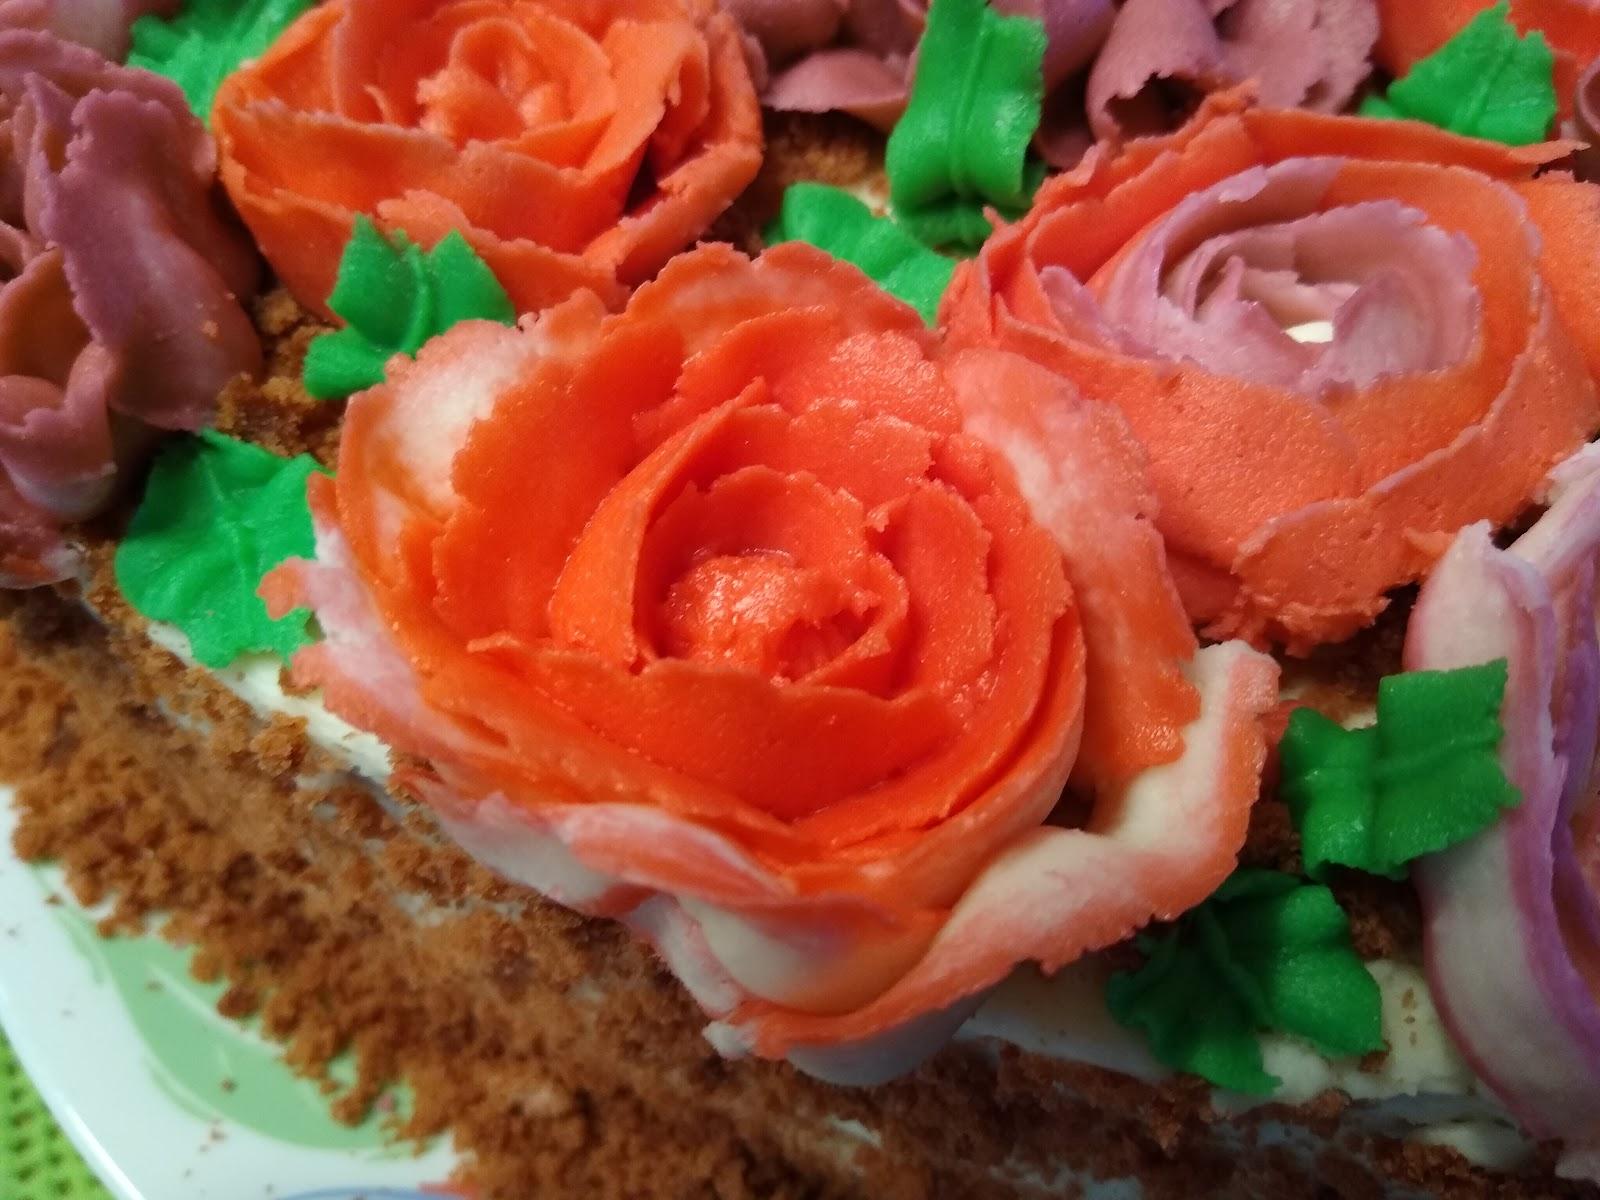 orange rose buttercream flower